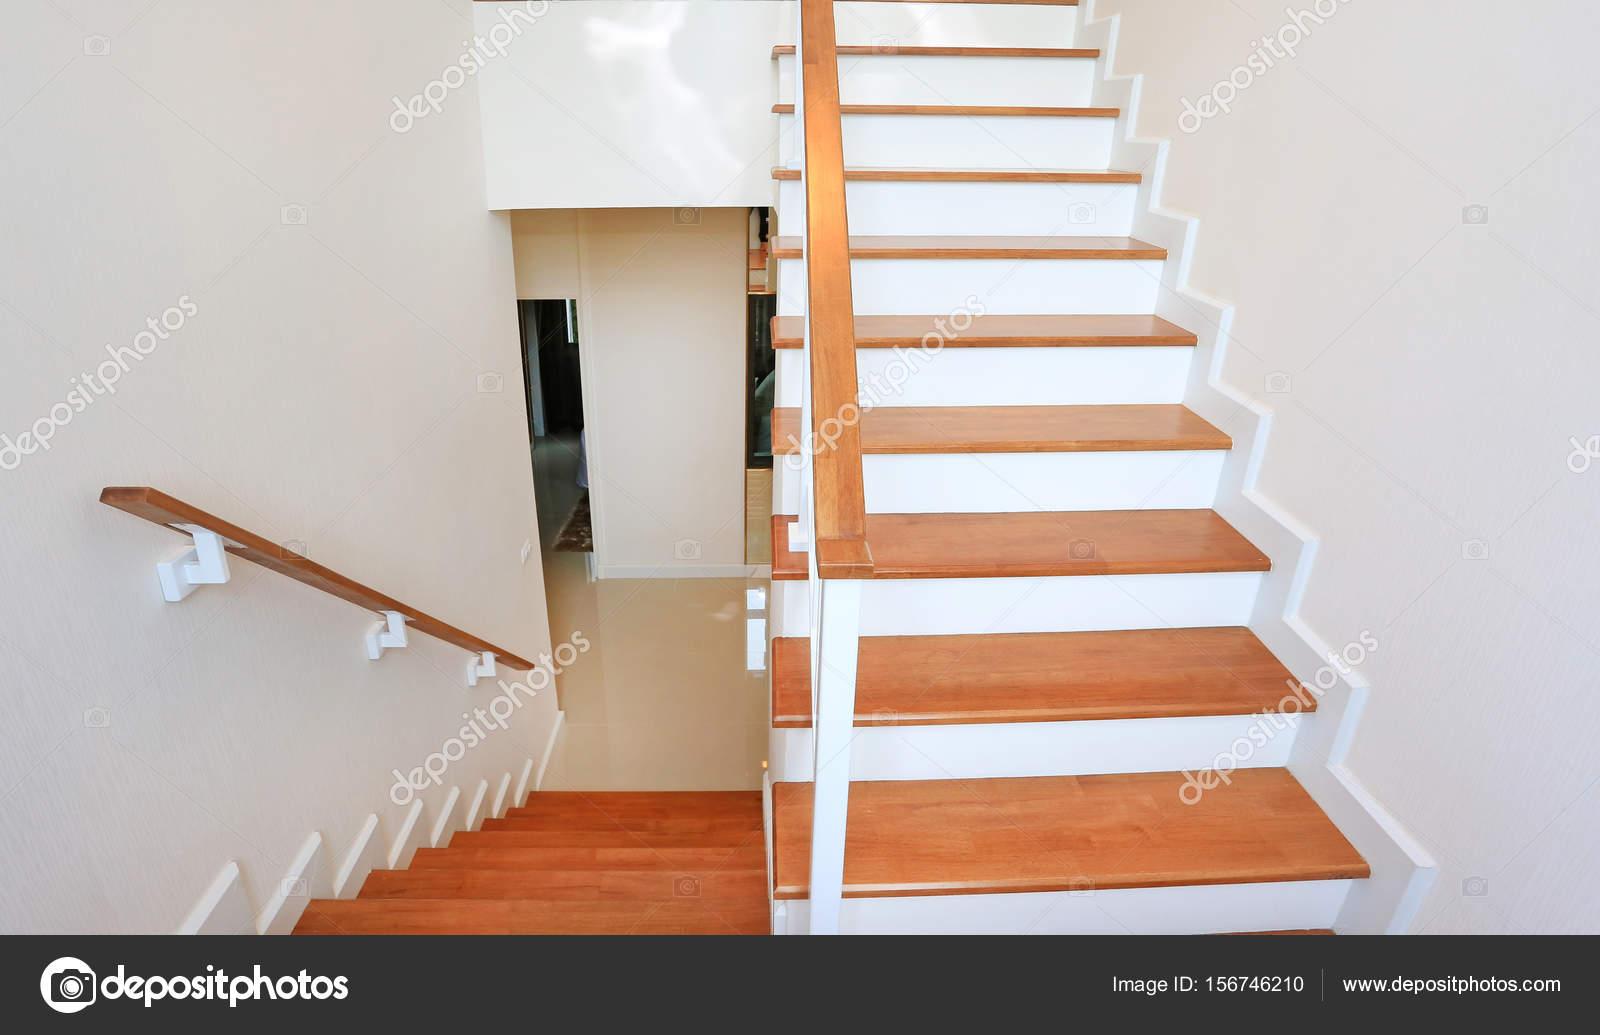 fotos escaleras de madera para casa la forma de escalera de